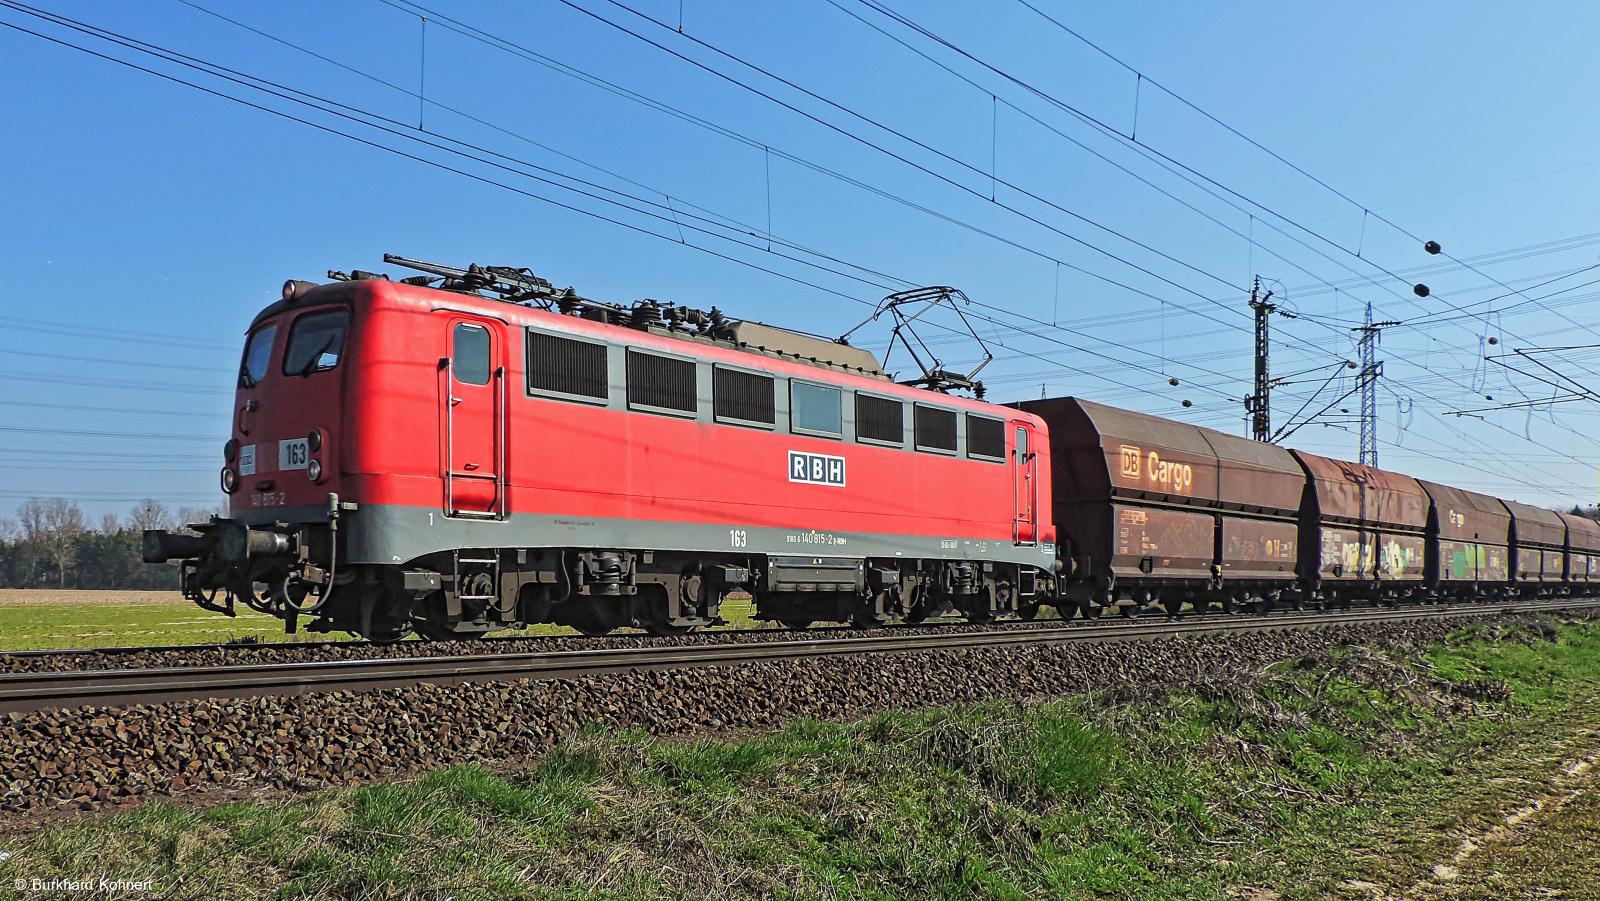 140 815-2 RBH 163